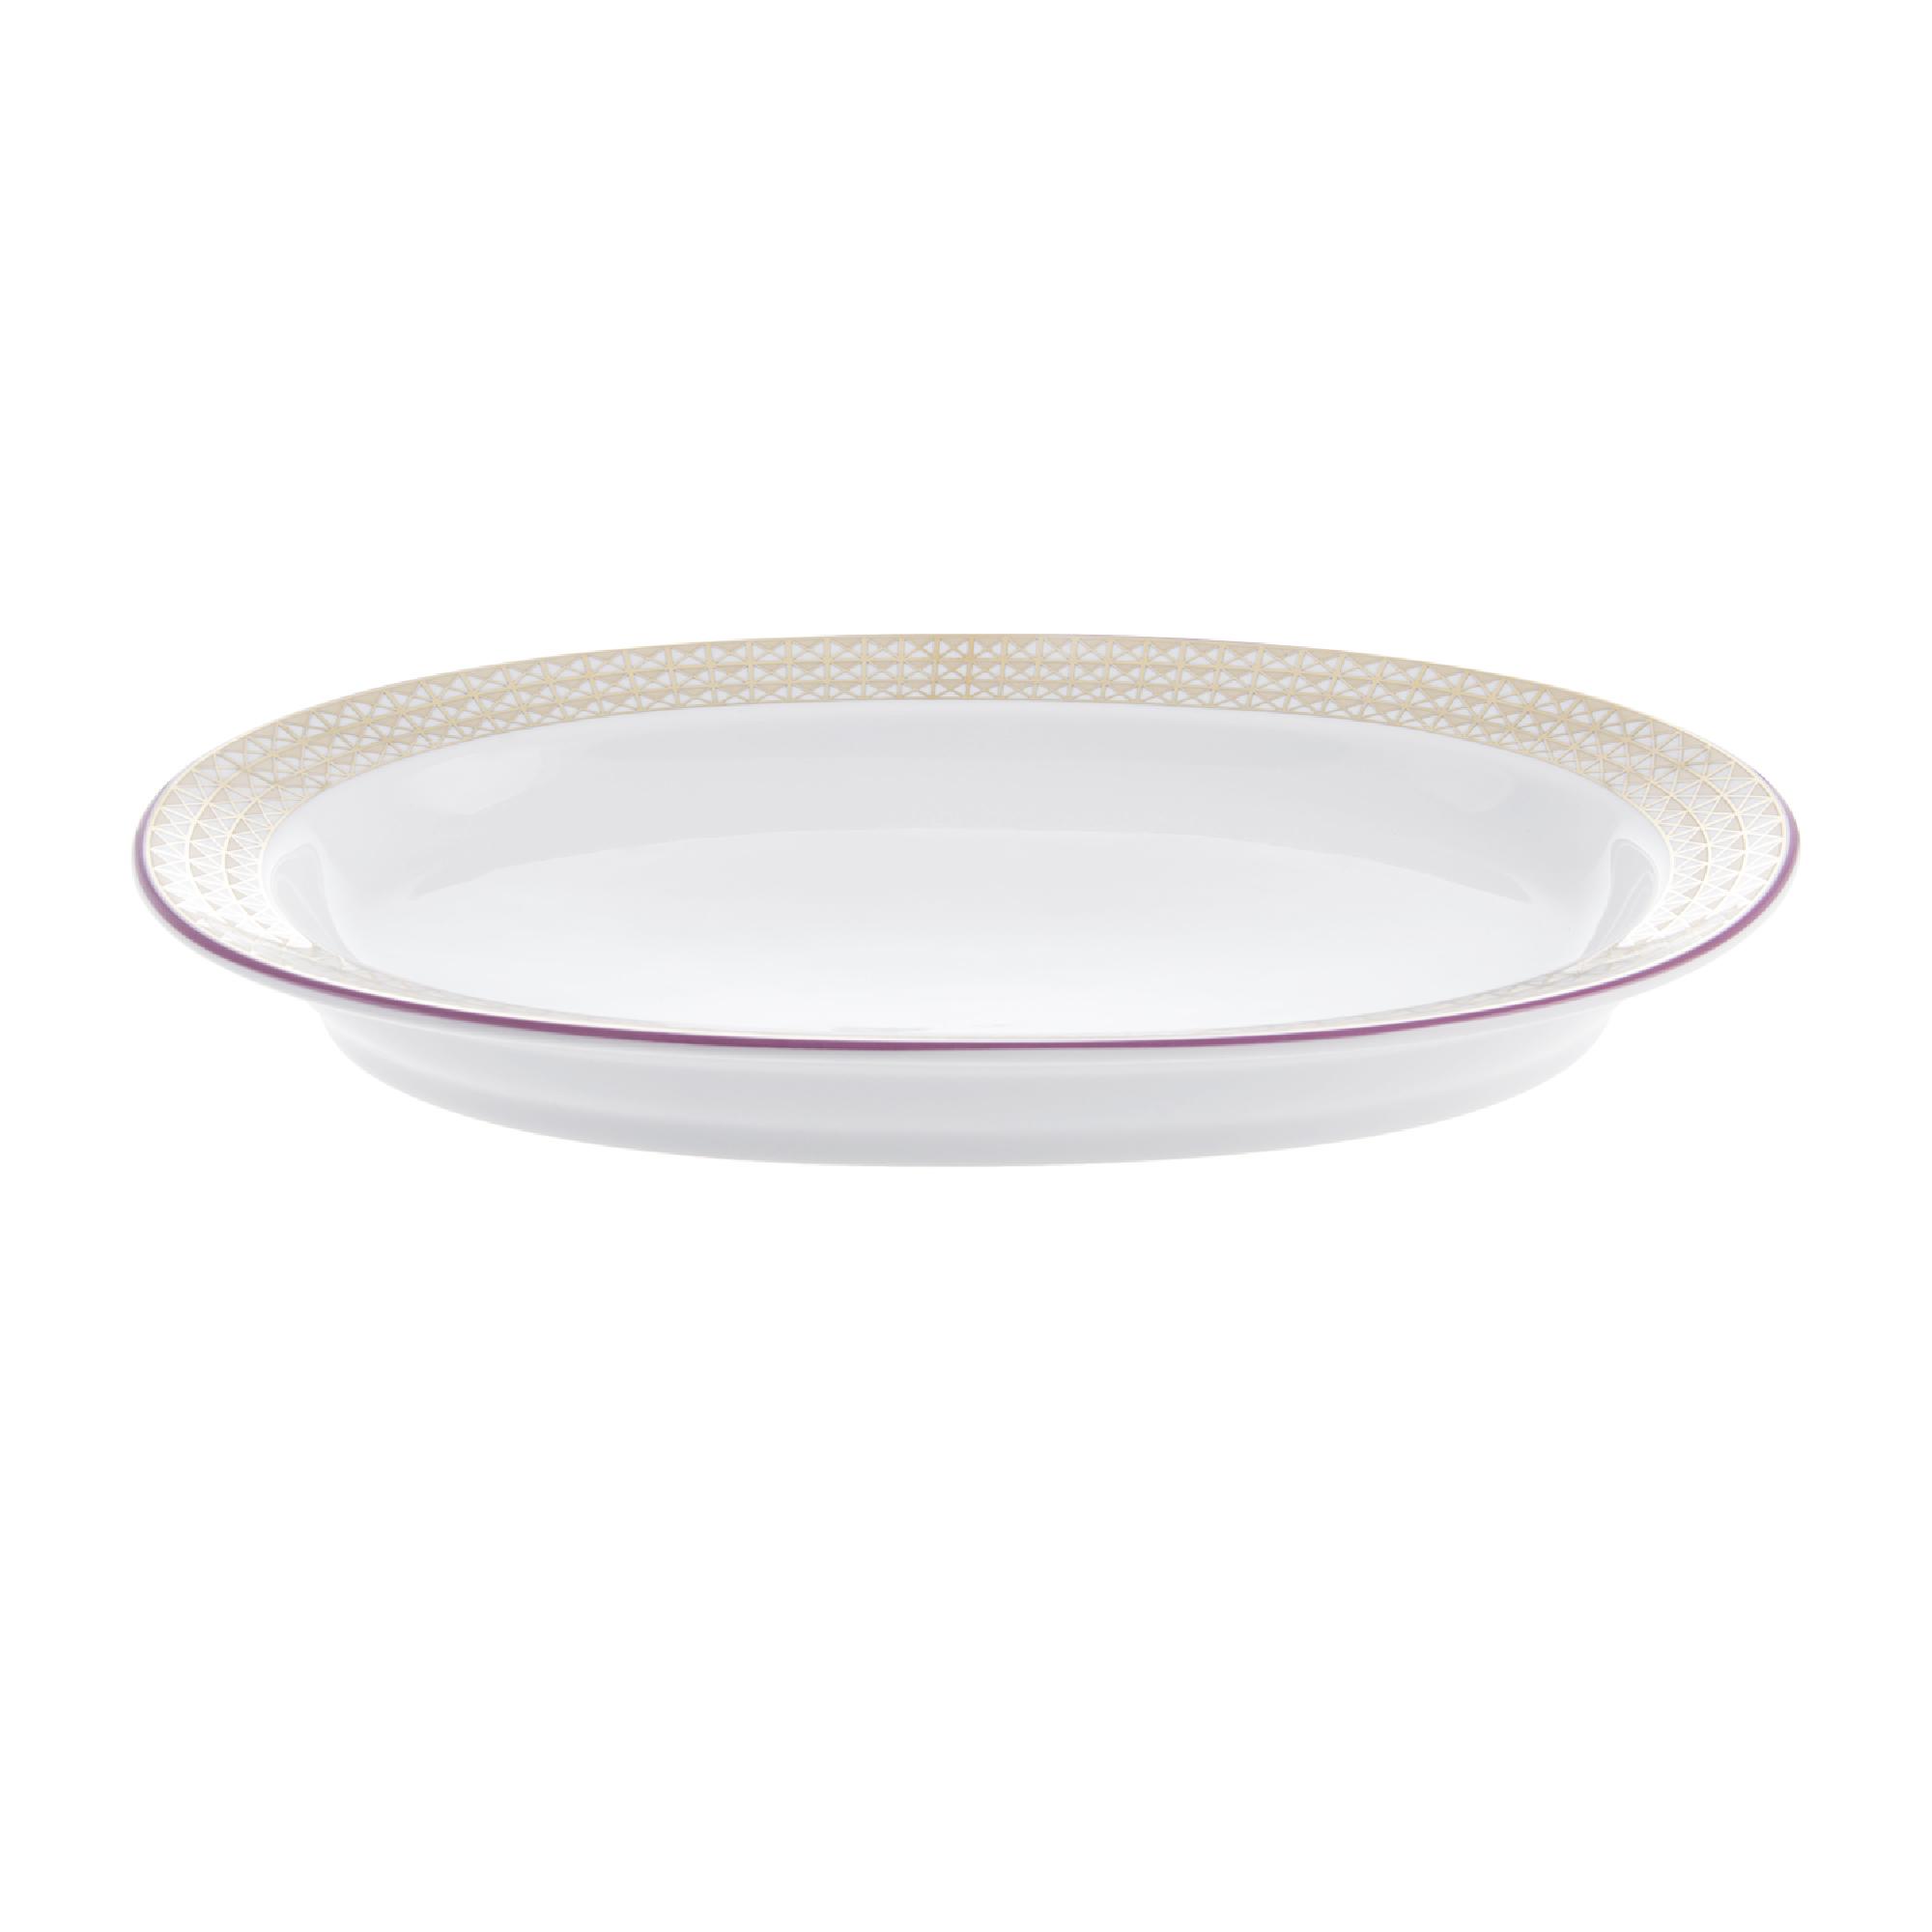 Фото - Блюдо овальное ИФЗ Замоскворечье 28 см блюдо овальное газания 28 см prt bg06600 x 20 portmeirion